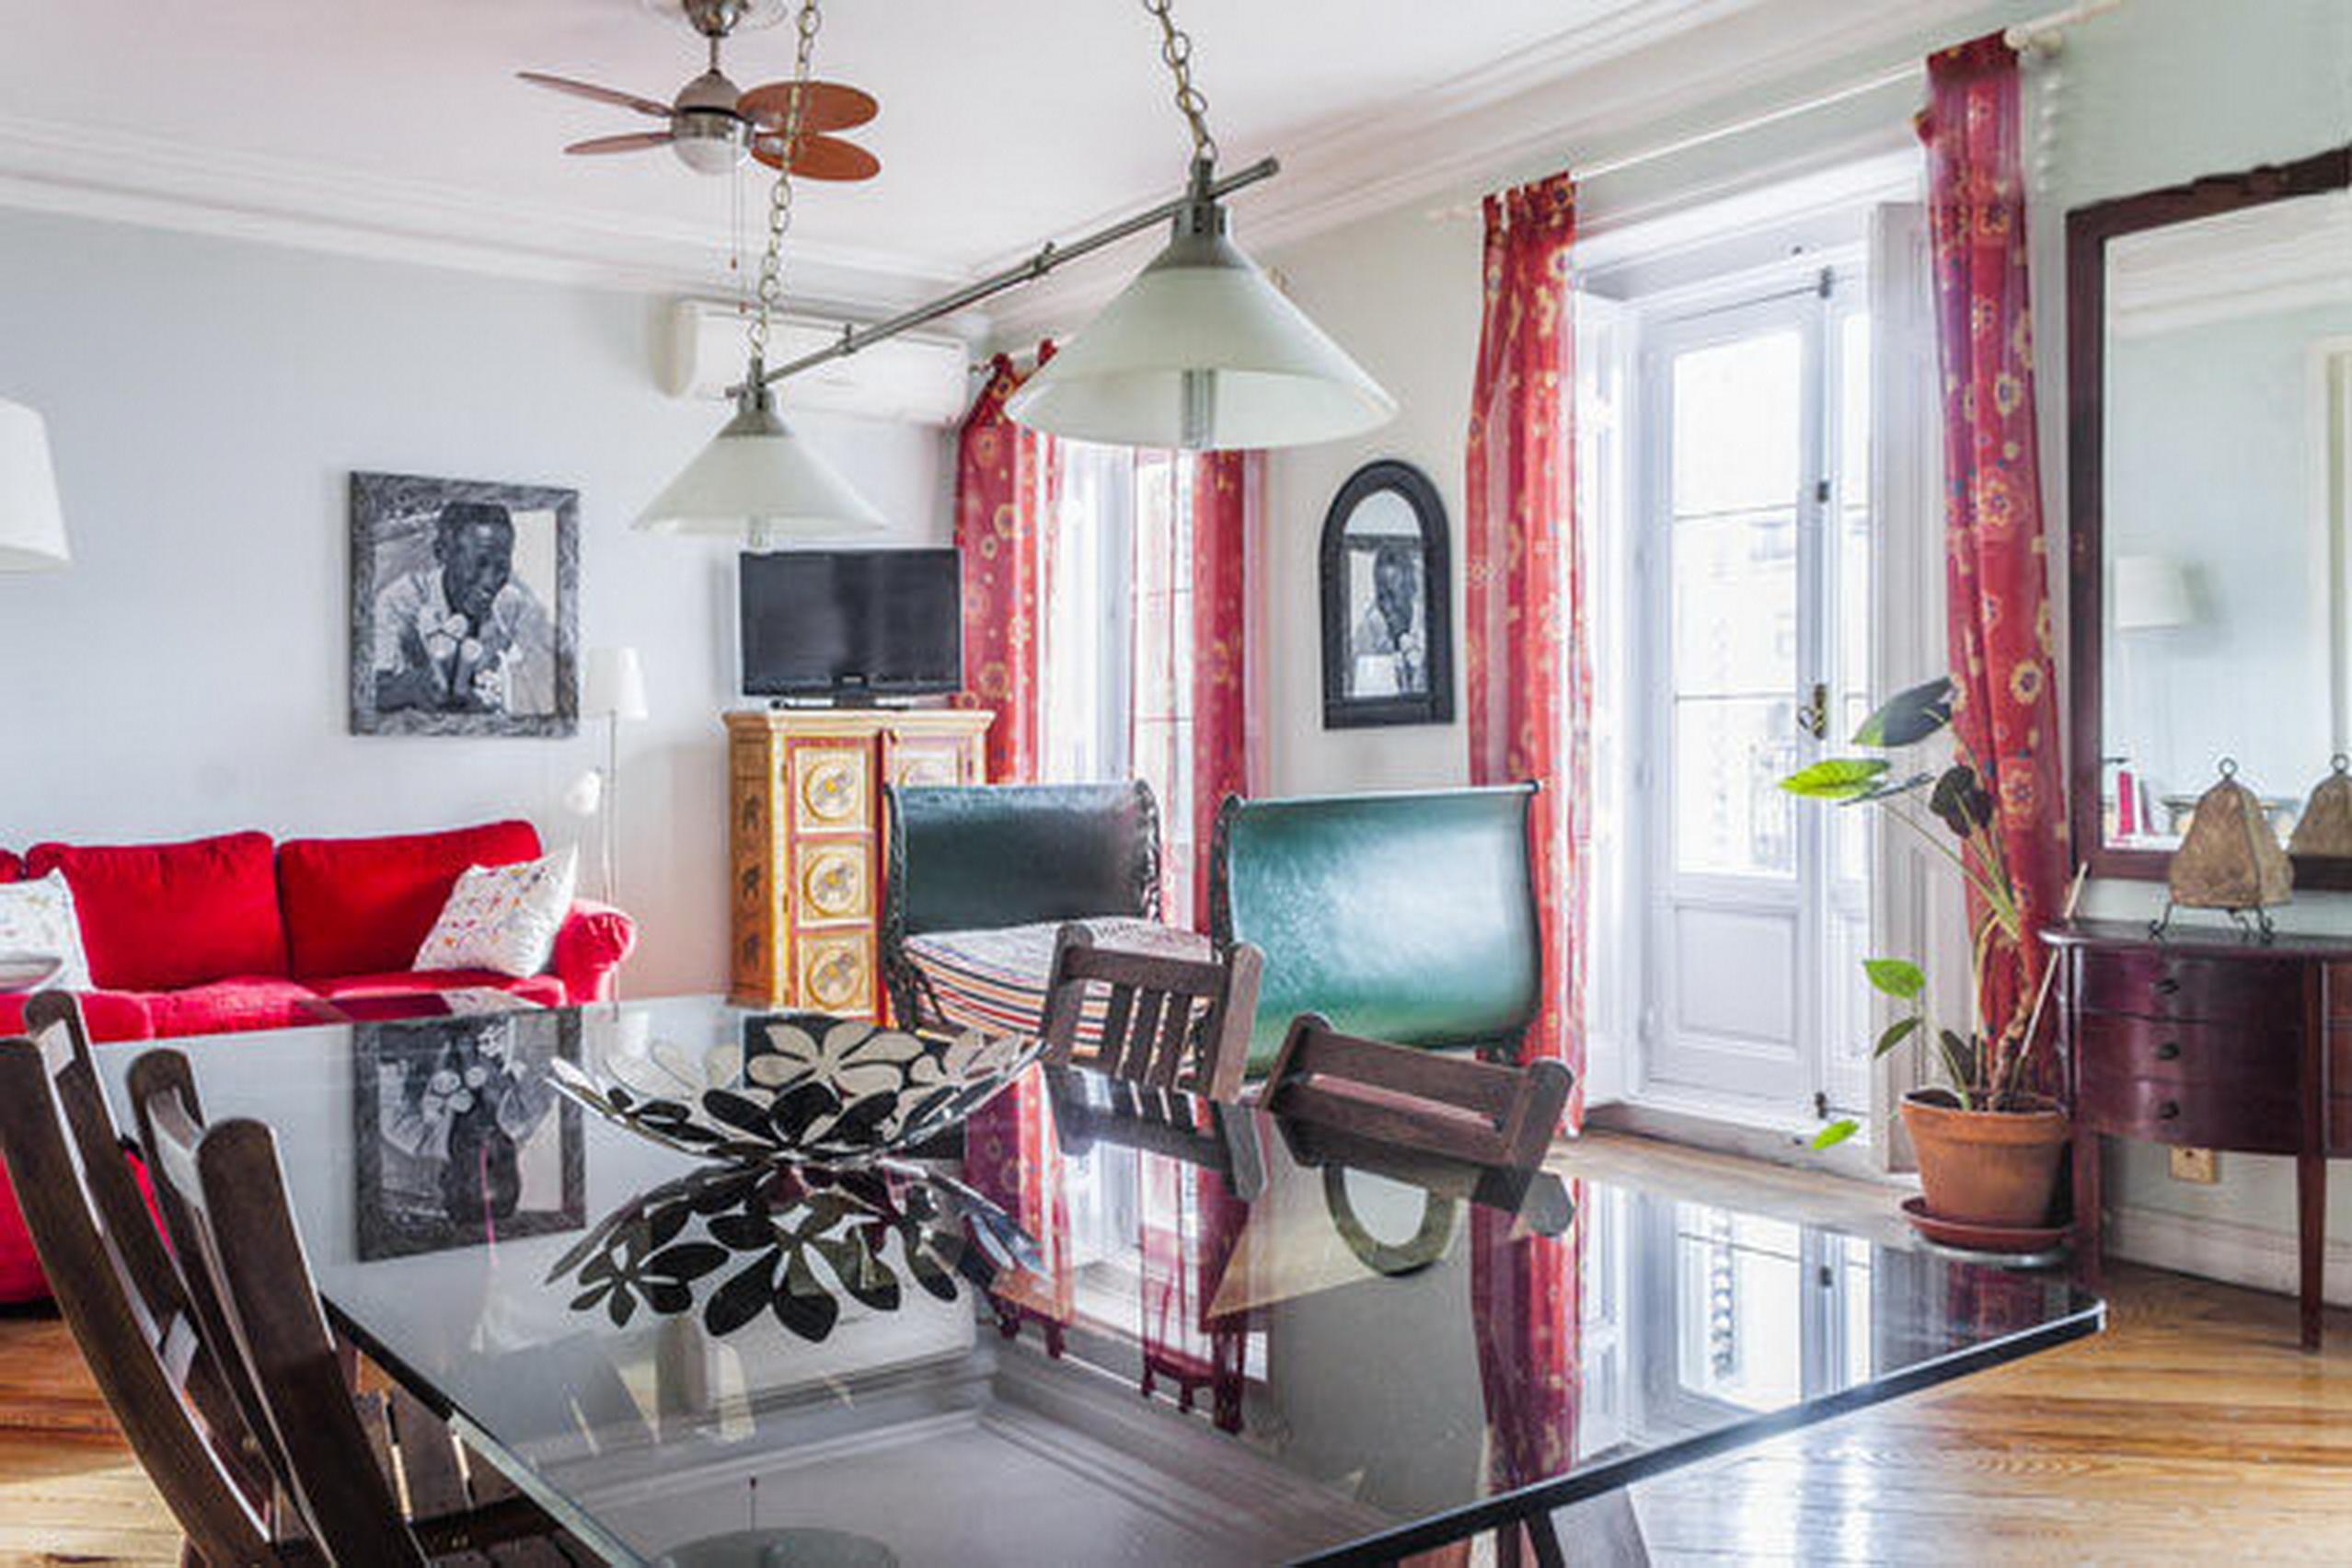 for sale 5+ bedrooms, madrid, madrid, spain, glorieta de bilbao 4